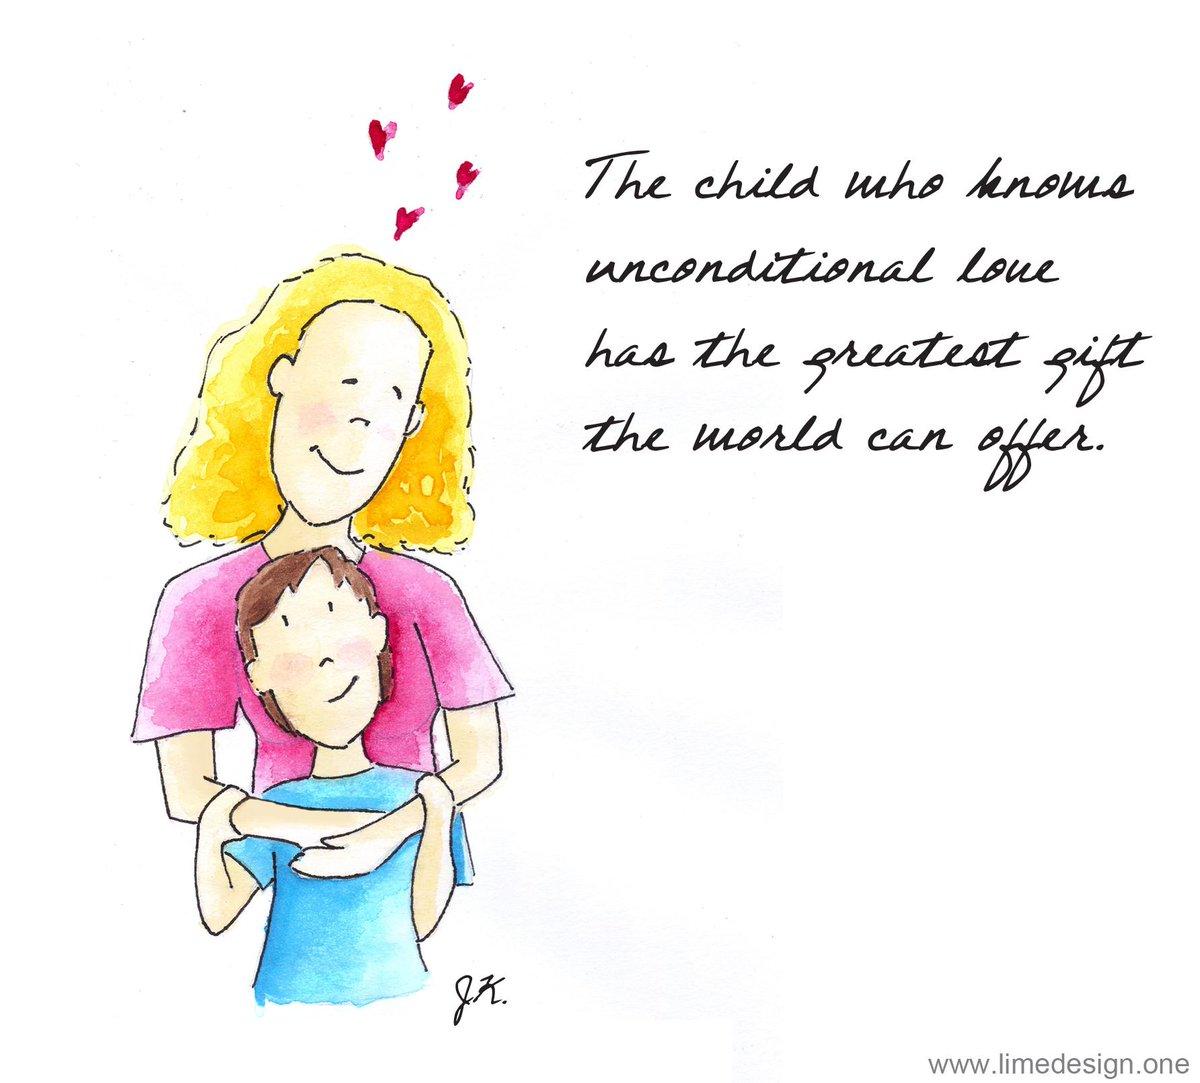 Jolanda Kranenburg On Twitter The Child Who Knows Unconditional